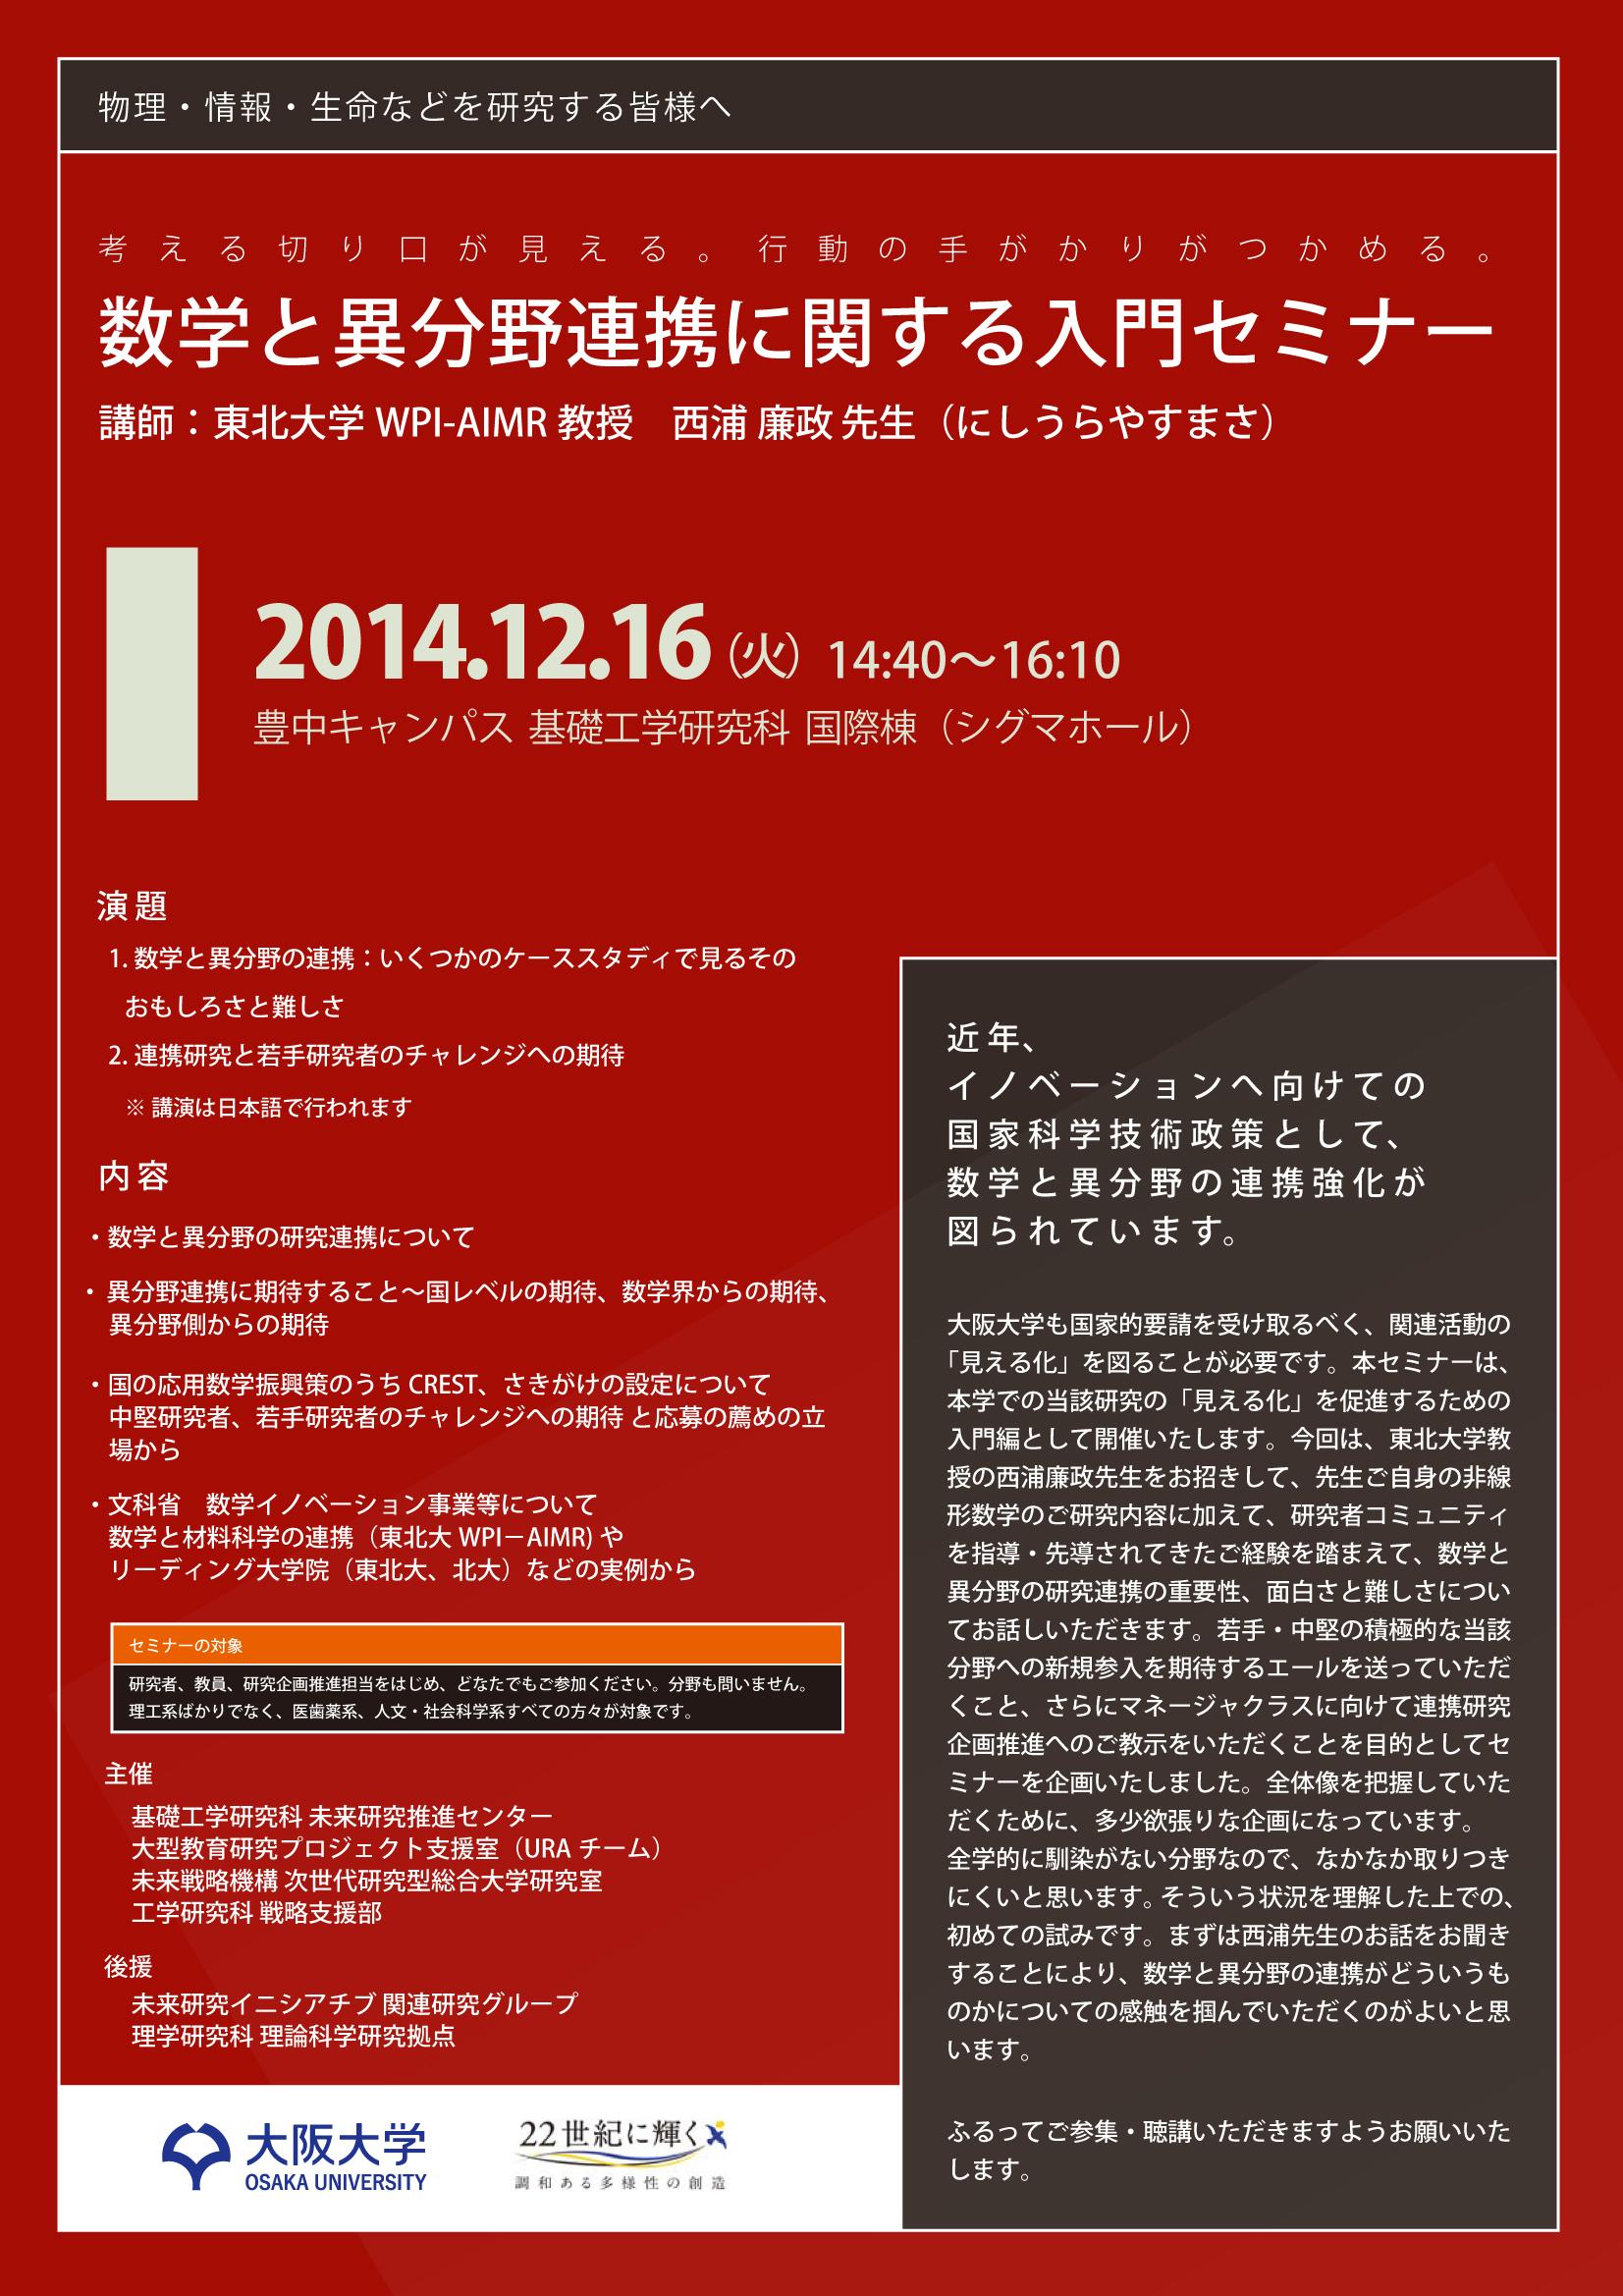 Prof_Nishiura_Lecture_Invitation_20141216.jpg